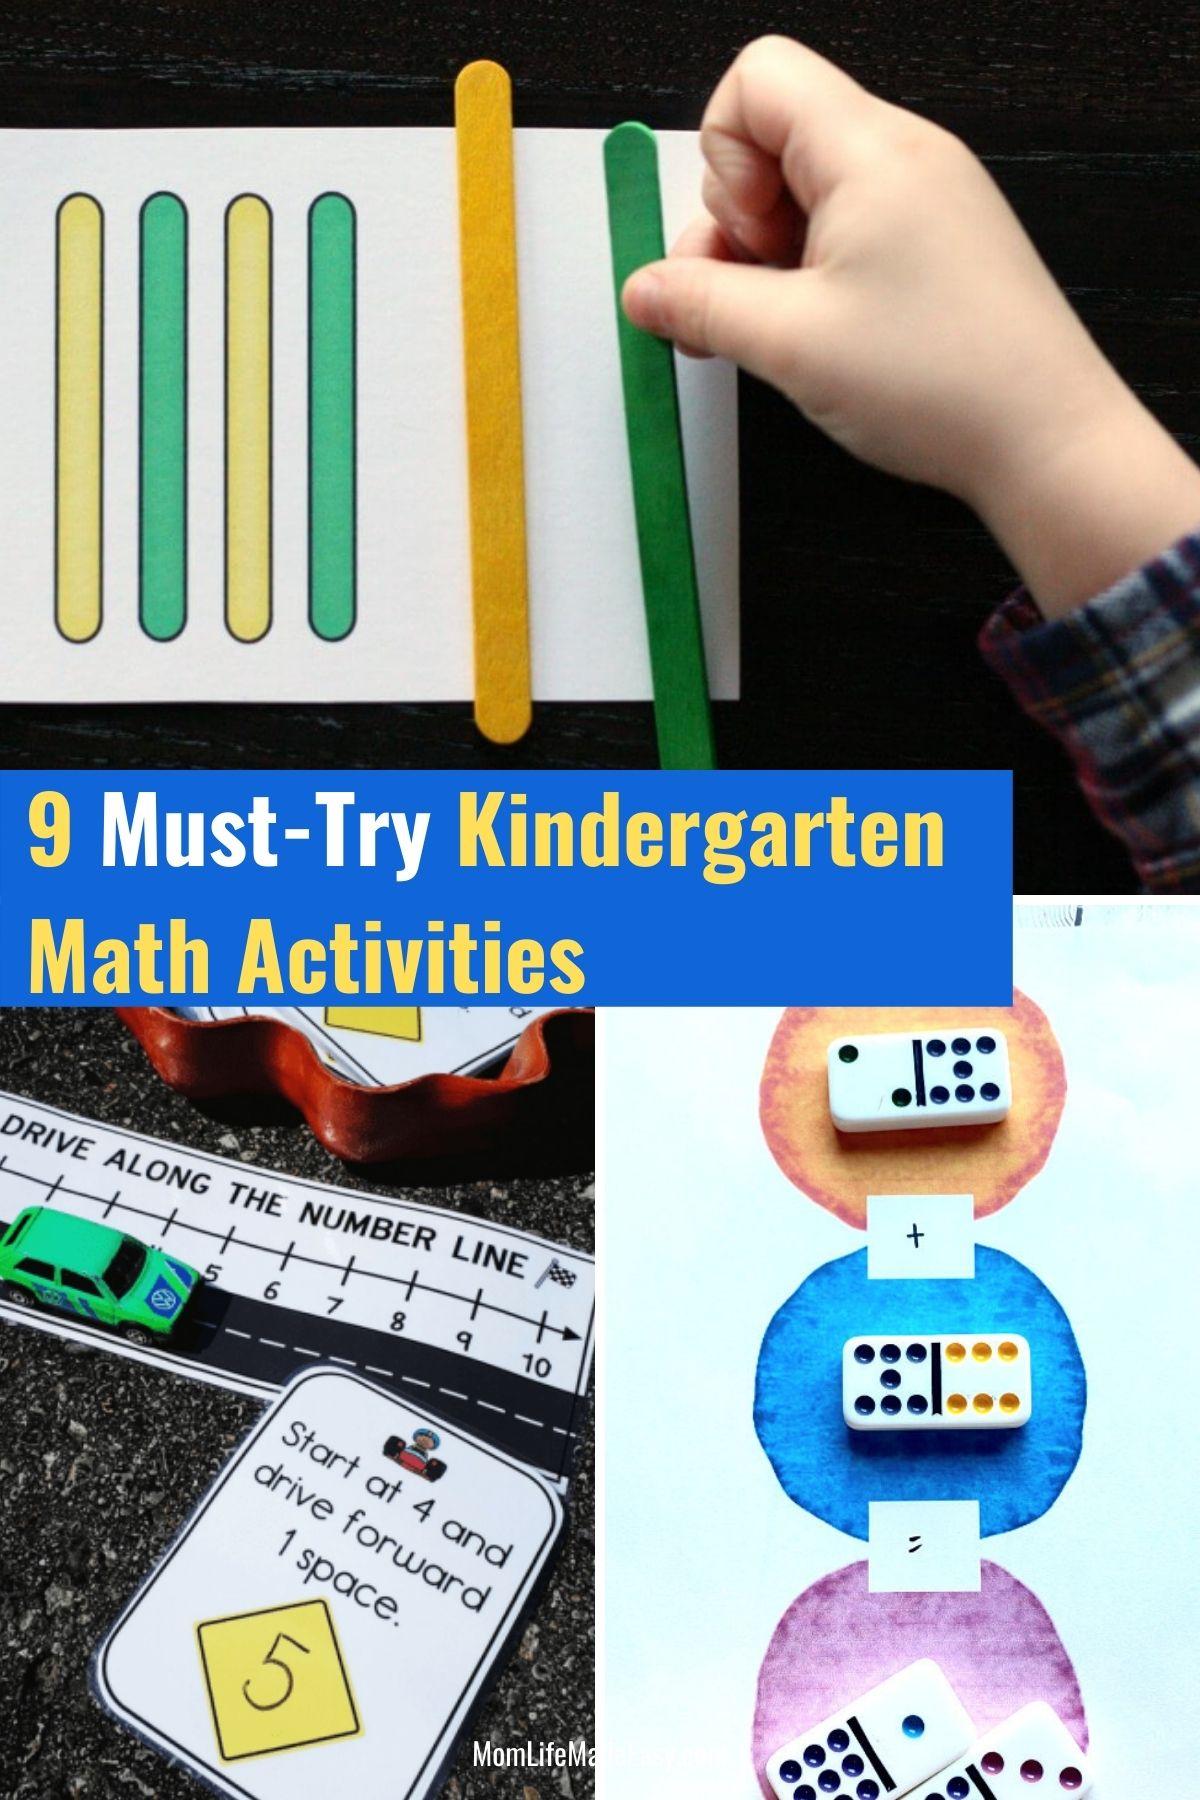 kindergarten math activities collage featuring kids enjoying various hands on activities